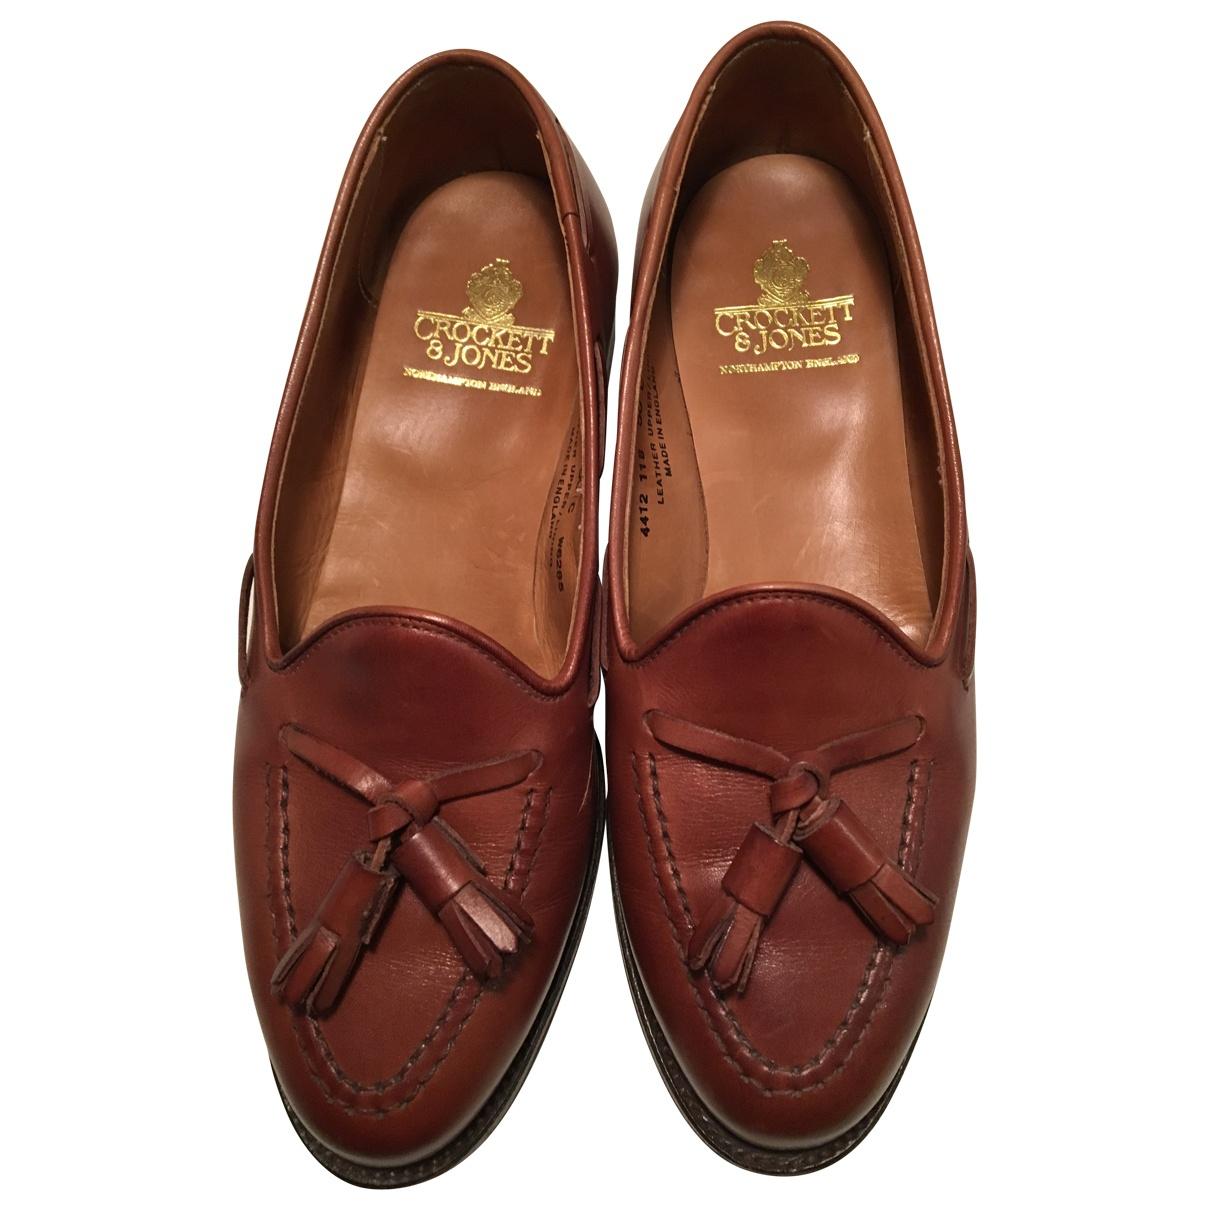 Crockett& Jones - Mocassins   pour femme en cuir - marron